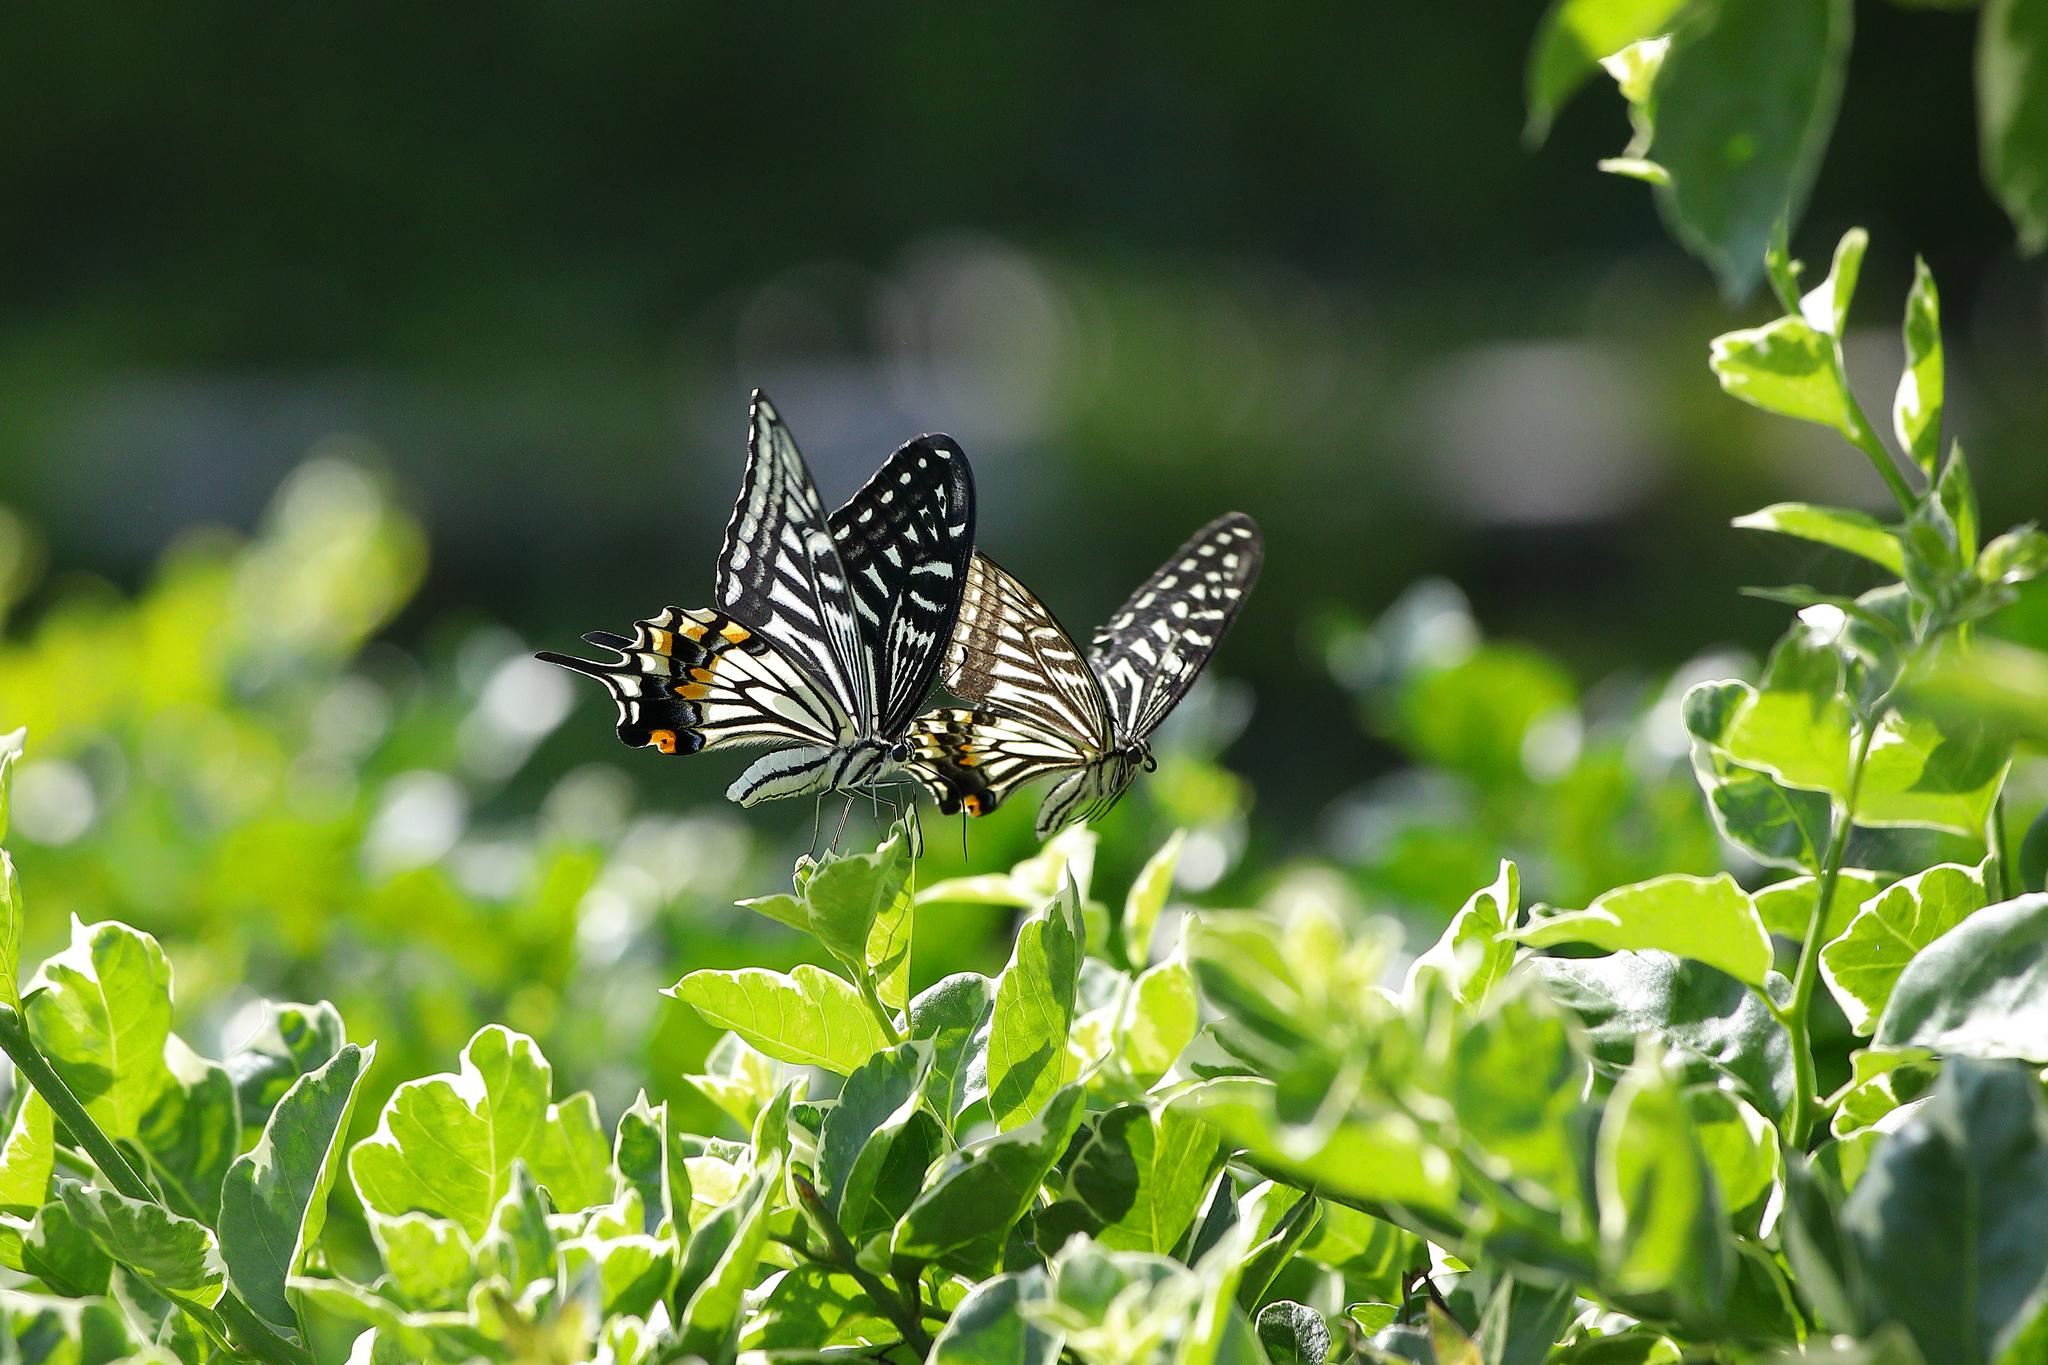 28. Dance of the Butterflies